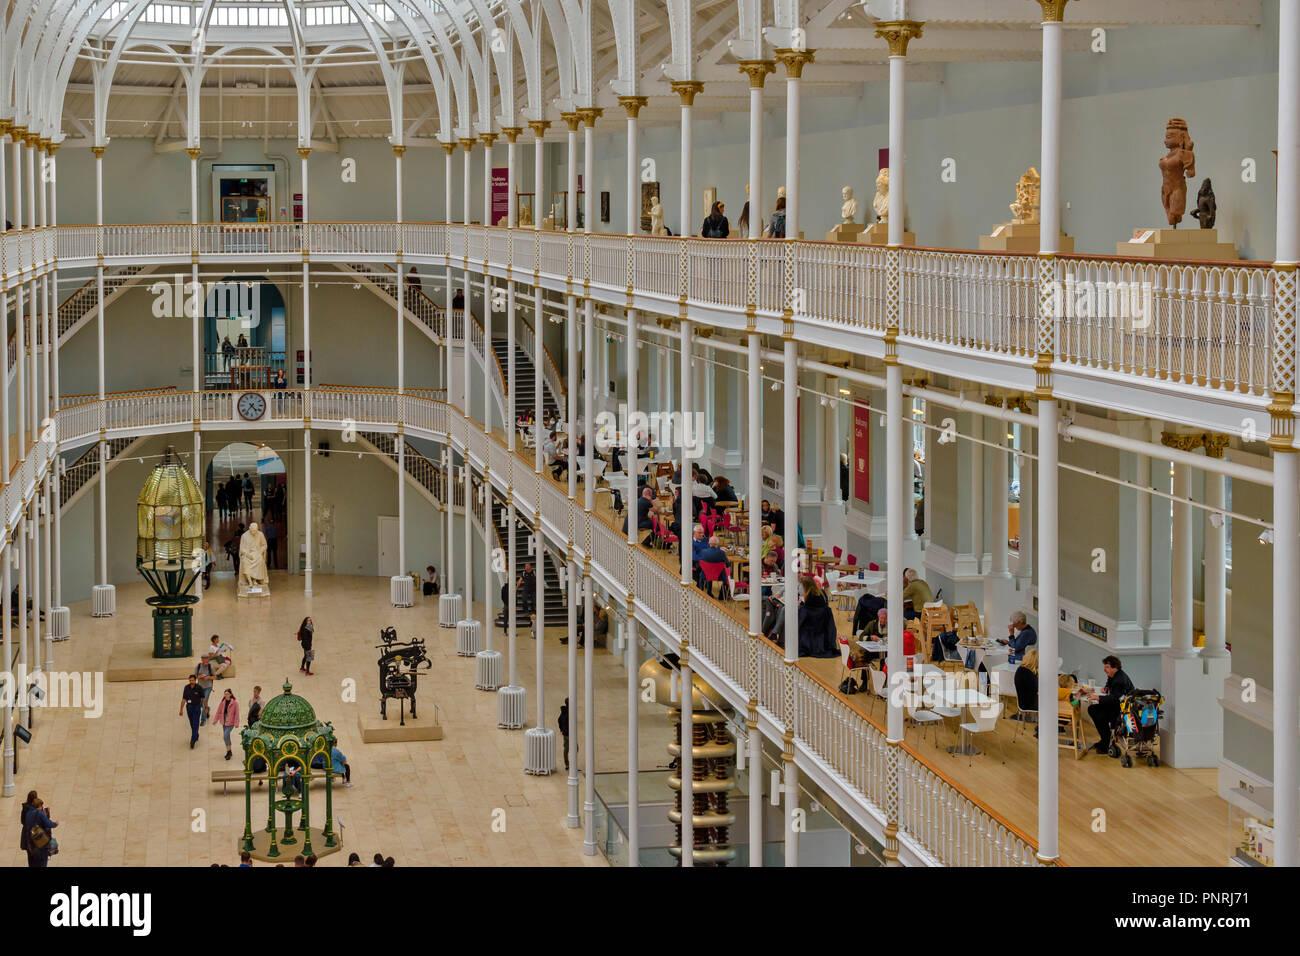 Edimbourg ECOSSE MUSÉE NATIONAL D'ÉCOSSE avec l'intérieur d'un balcon et d'une cafétéria Photo Stock